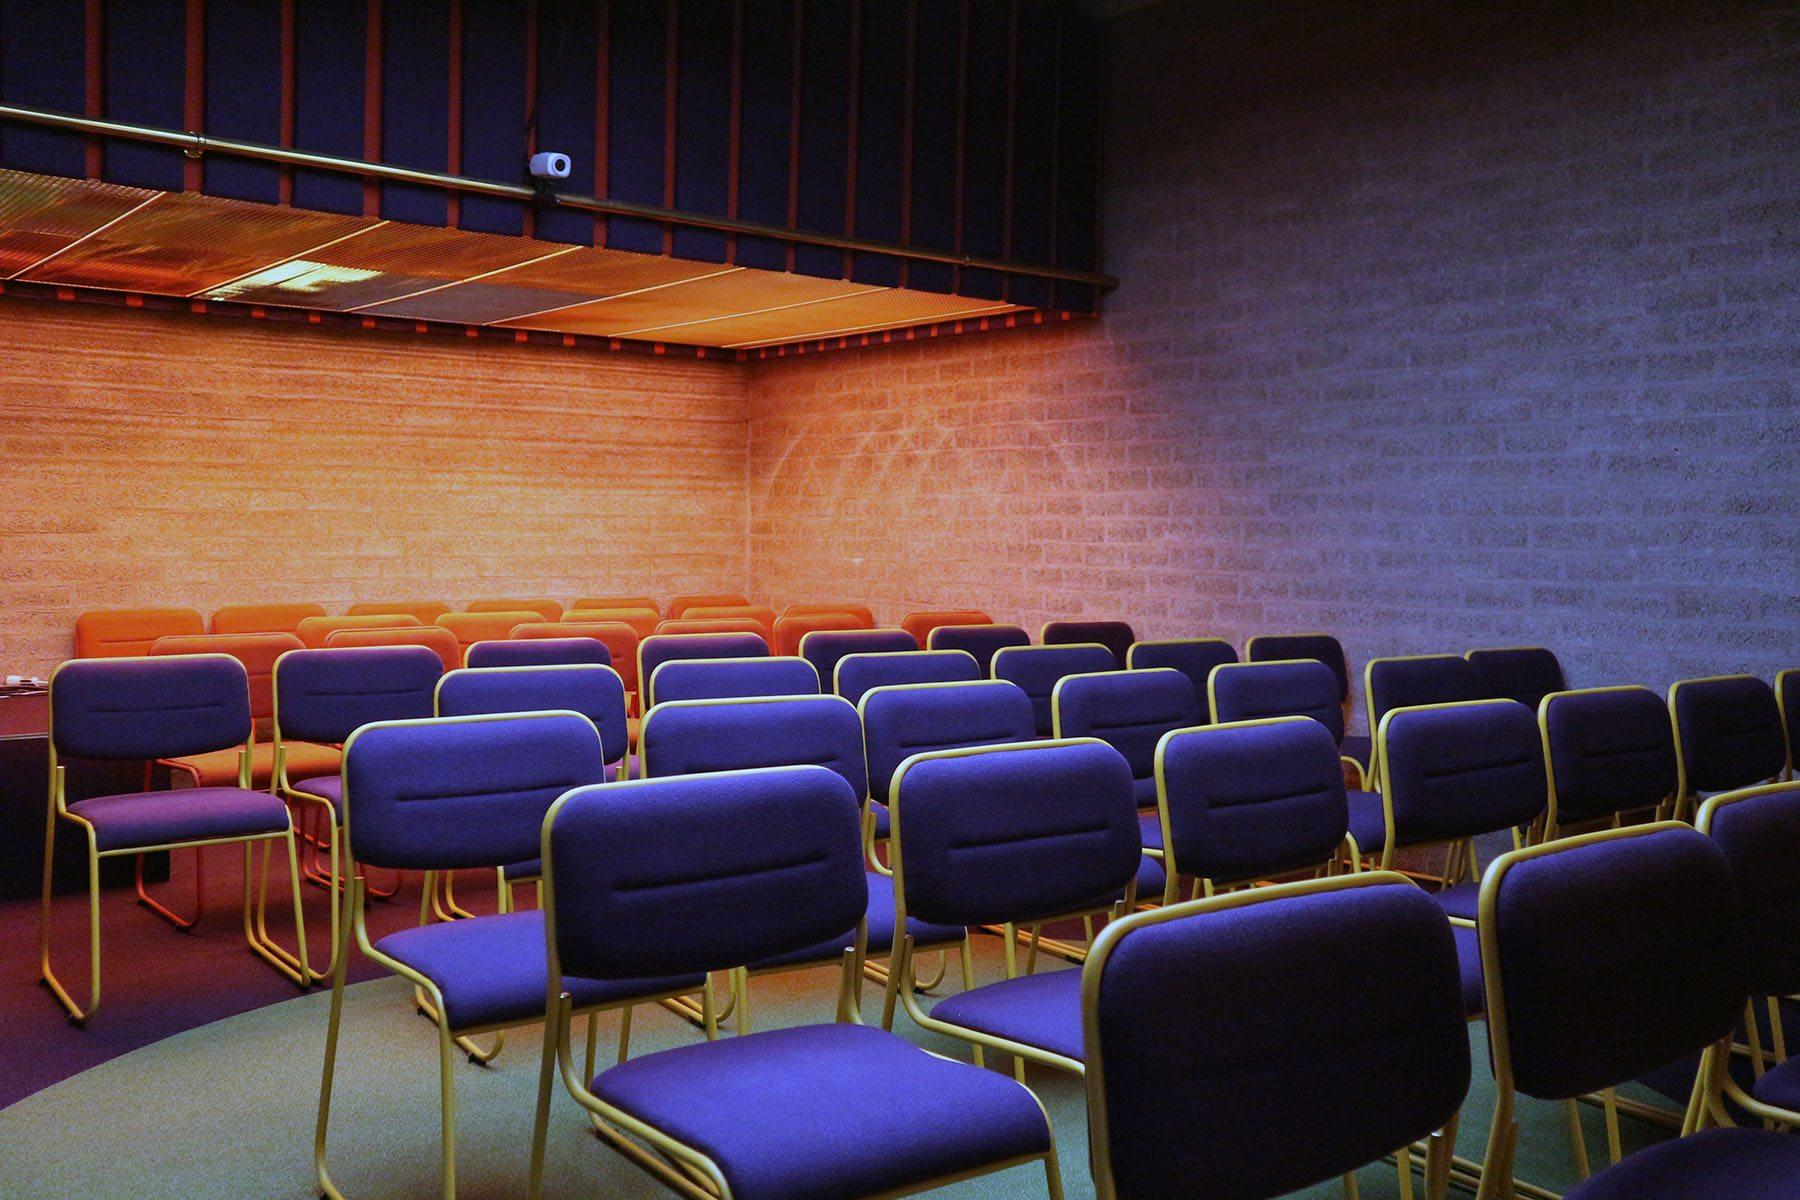 Ein Set für das Schmela Haus. Bar und Saal.. ... verantwortete den Umbau 1995.